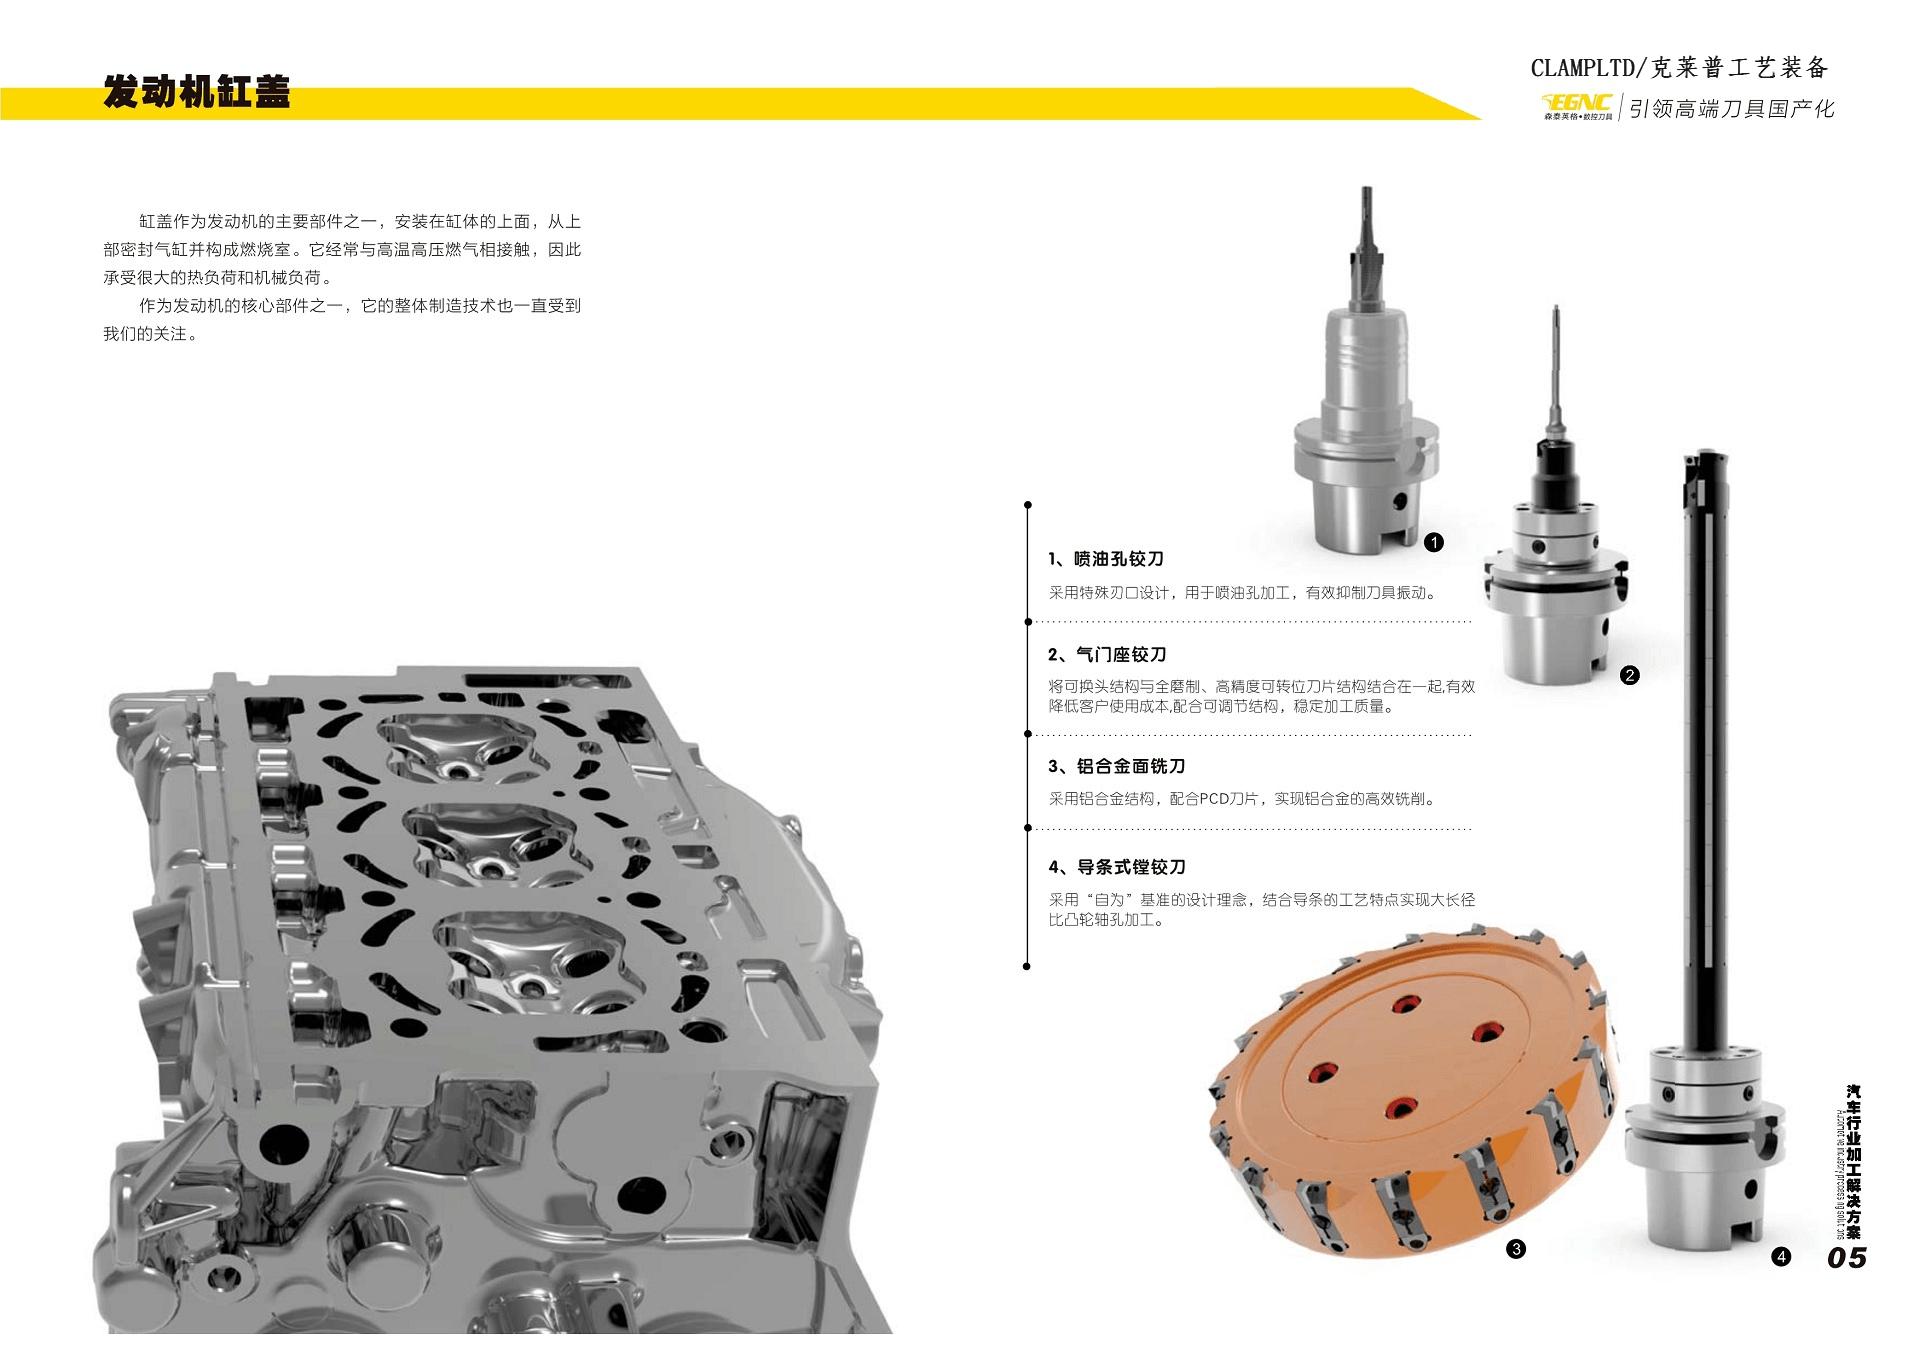 汽车零部件夹具刀具一体化解决方案 工装夹具应用 第3张